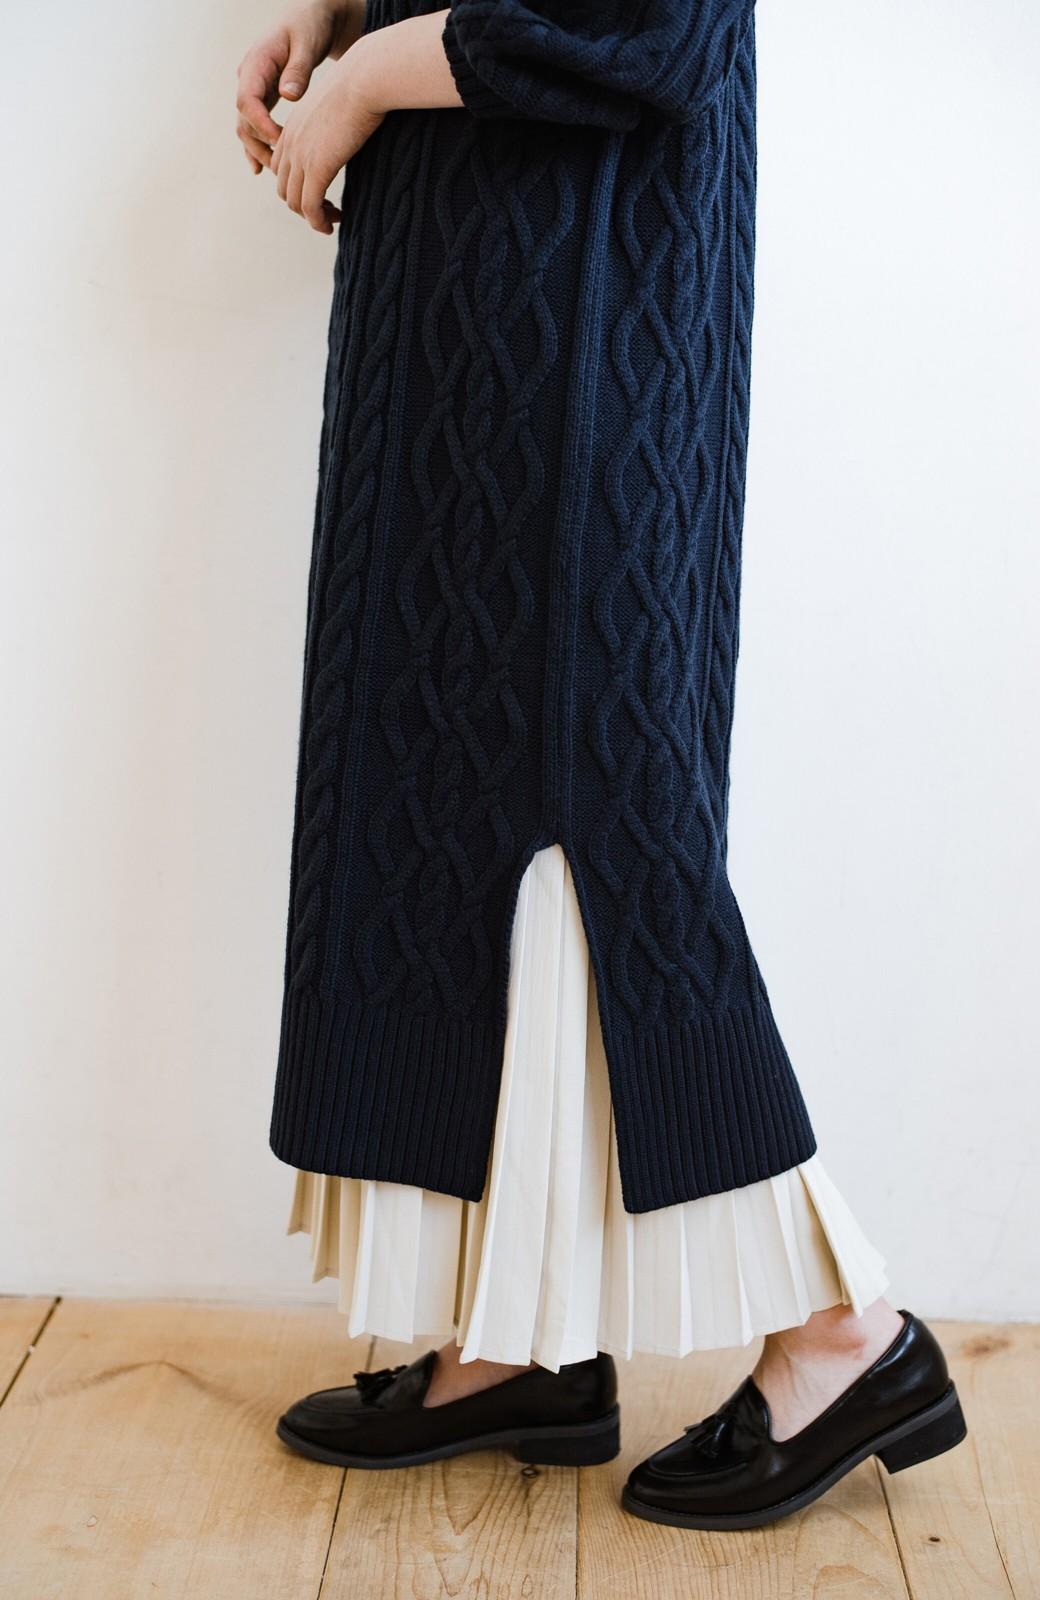 haco! パッと着て絶妙に女っぽい 重ね着にも便利なケーブルニットワンピース <ネイビー>の商品写真7